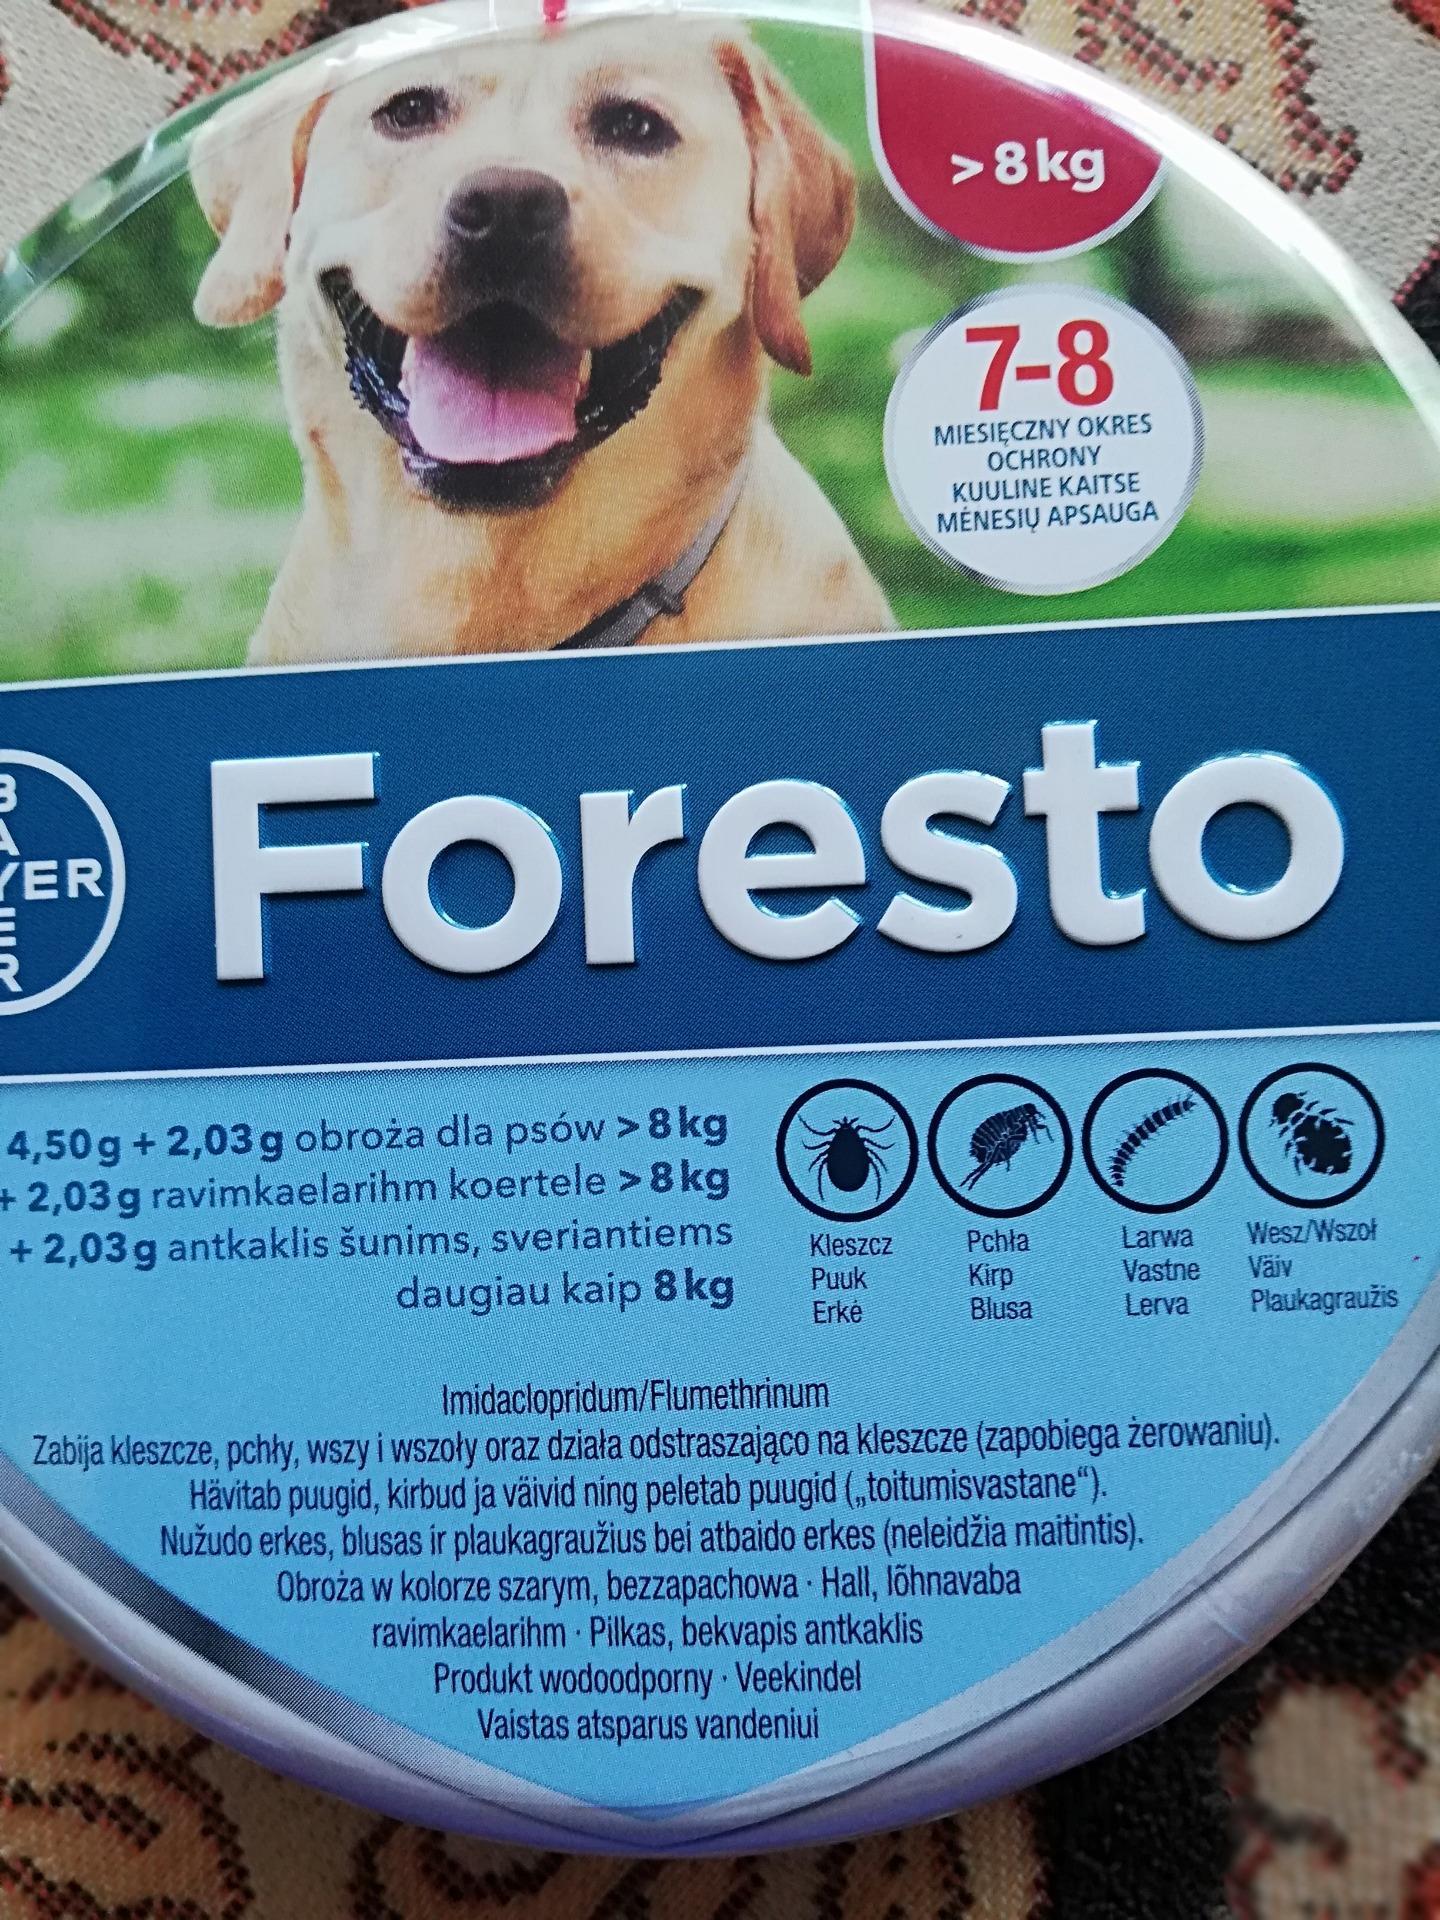 Bayer Foresto Obroza Przeciw Pchlom I Kleszczom Dla Psow Powyzej 8kg Opinie Komentarze O Produkcie 1